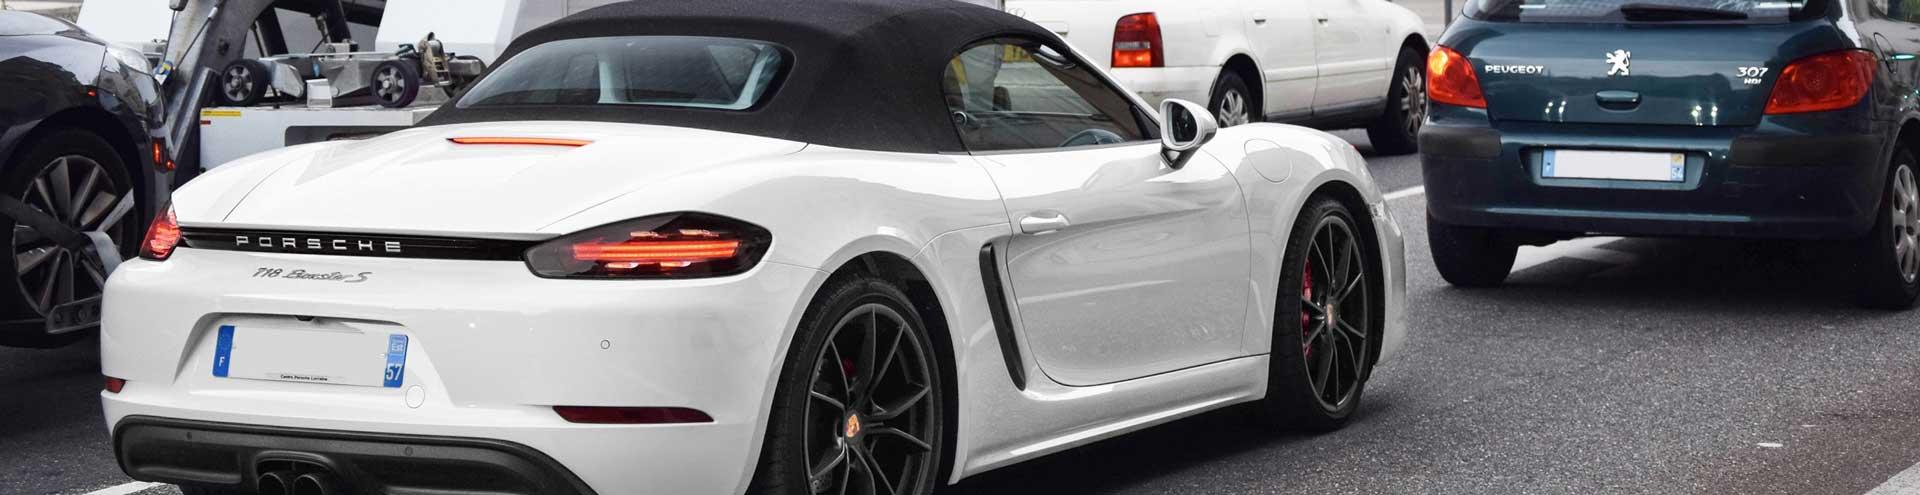 Êtes-vous sûr que l'assistance de votre contrat Porsche est de qualité ?